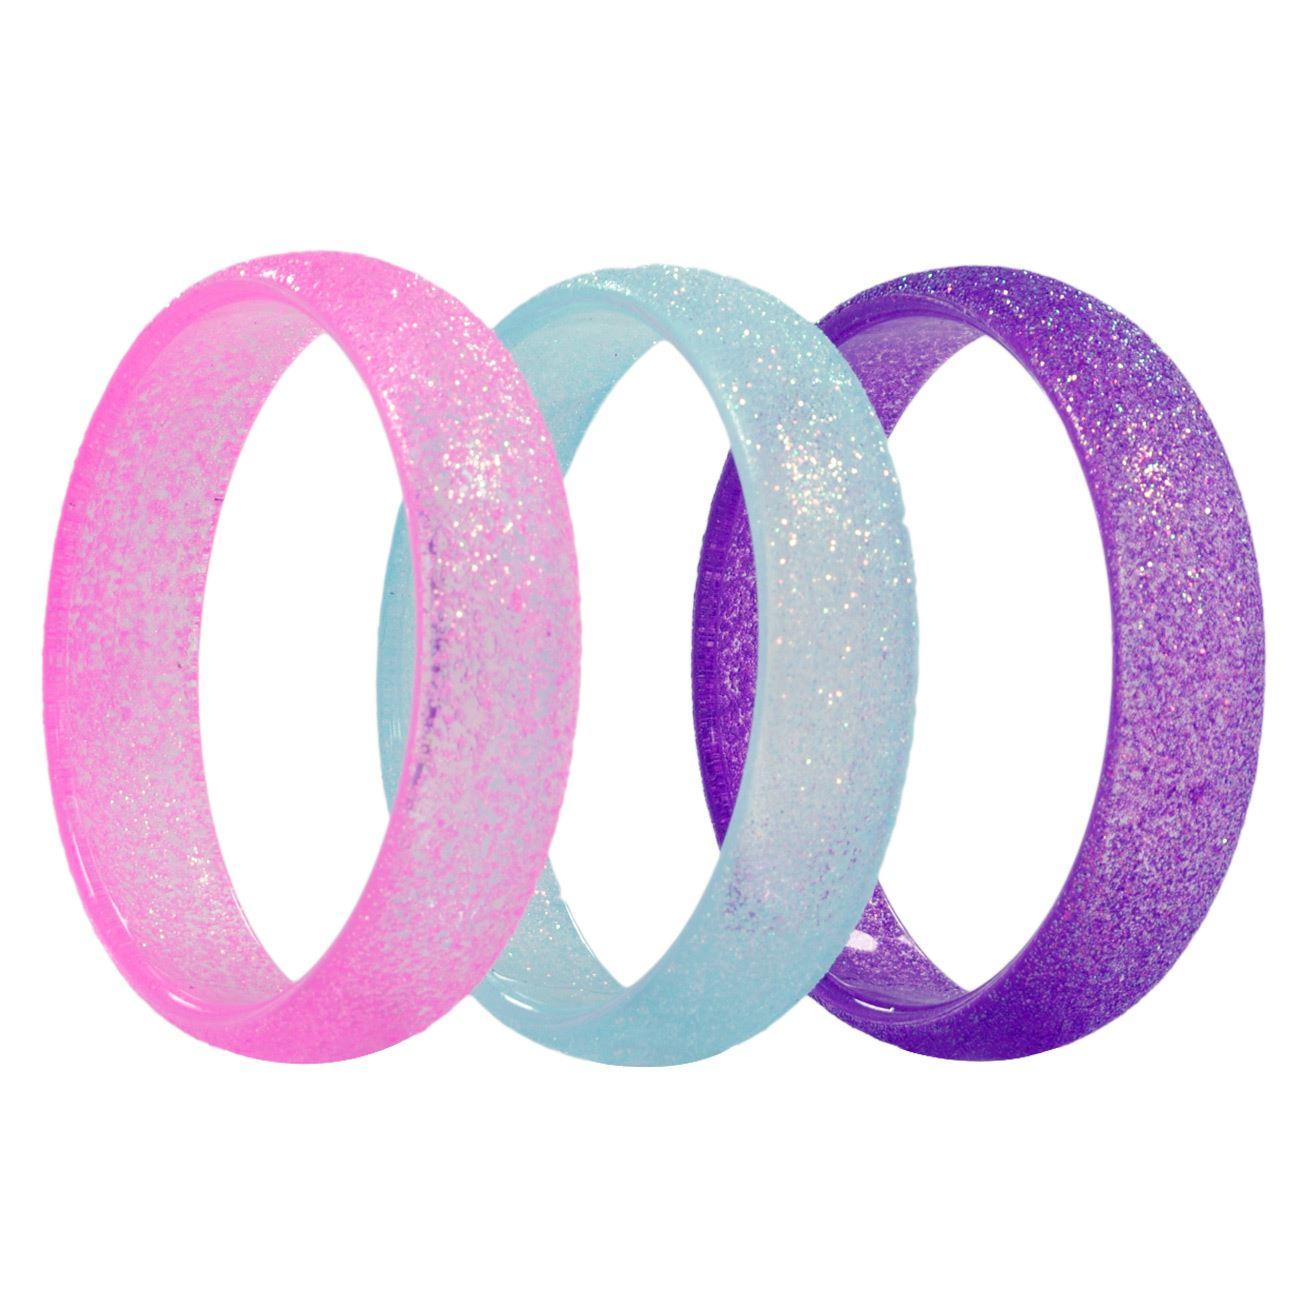 Βραχιόλια Glitter Χρωματιστά Παιδικά - 3 τμχ.   Βραχιόλια Παιδικά ... 1666a2babe0